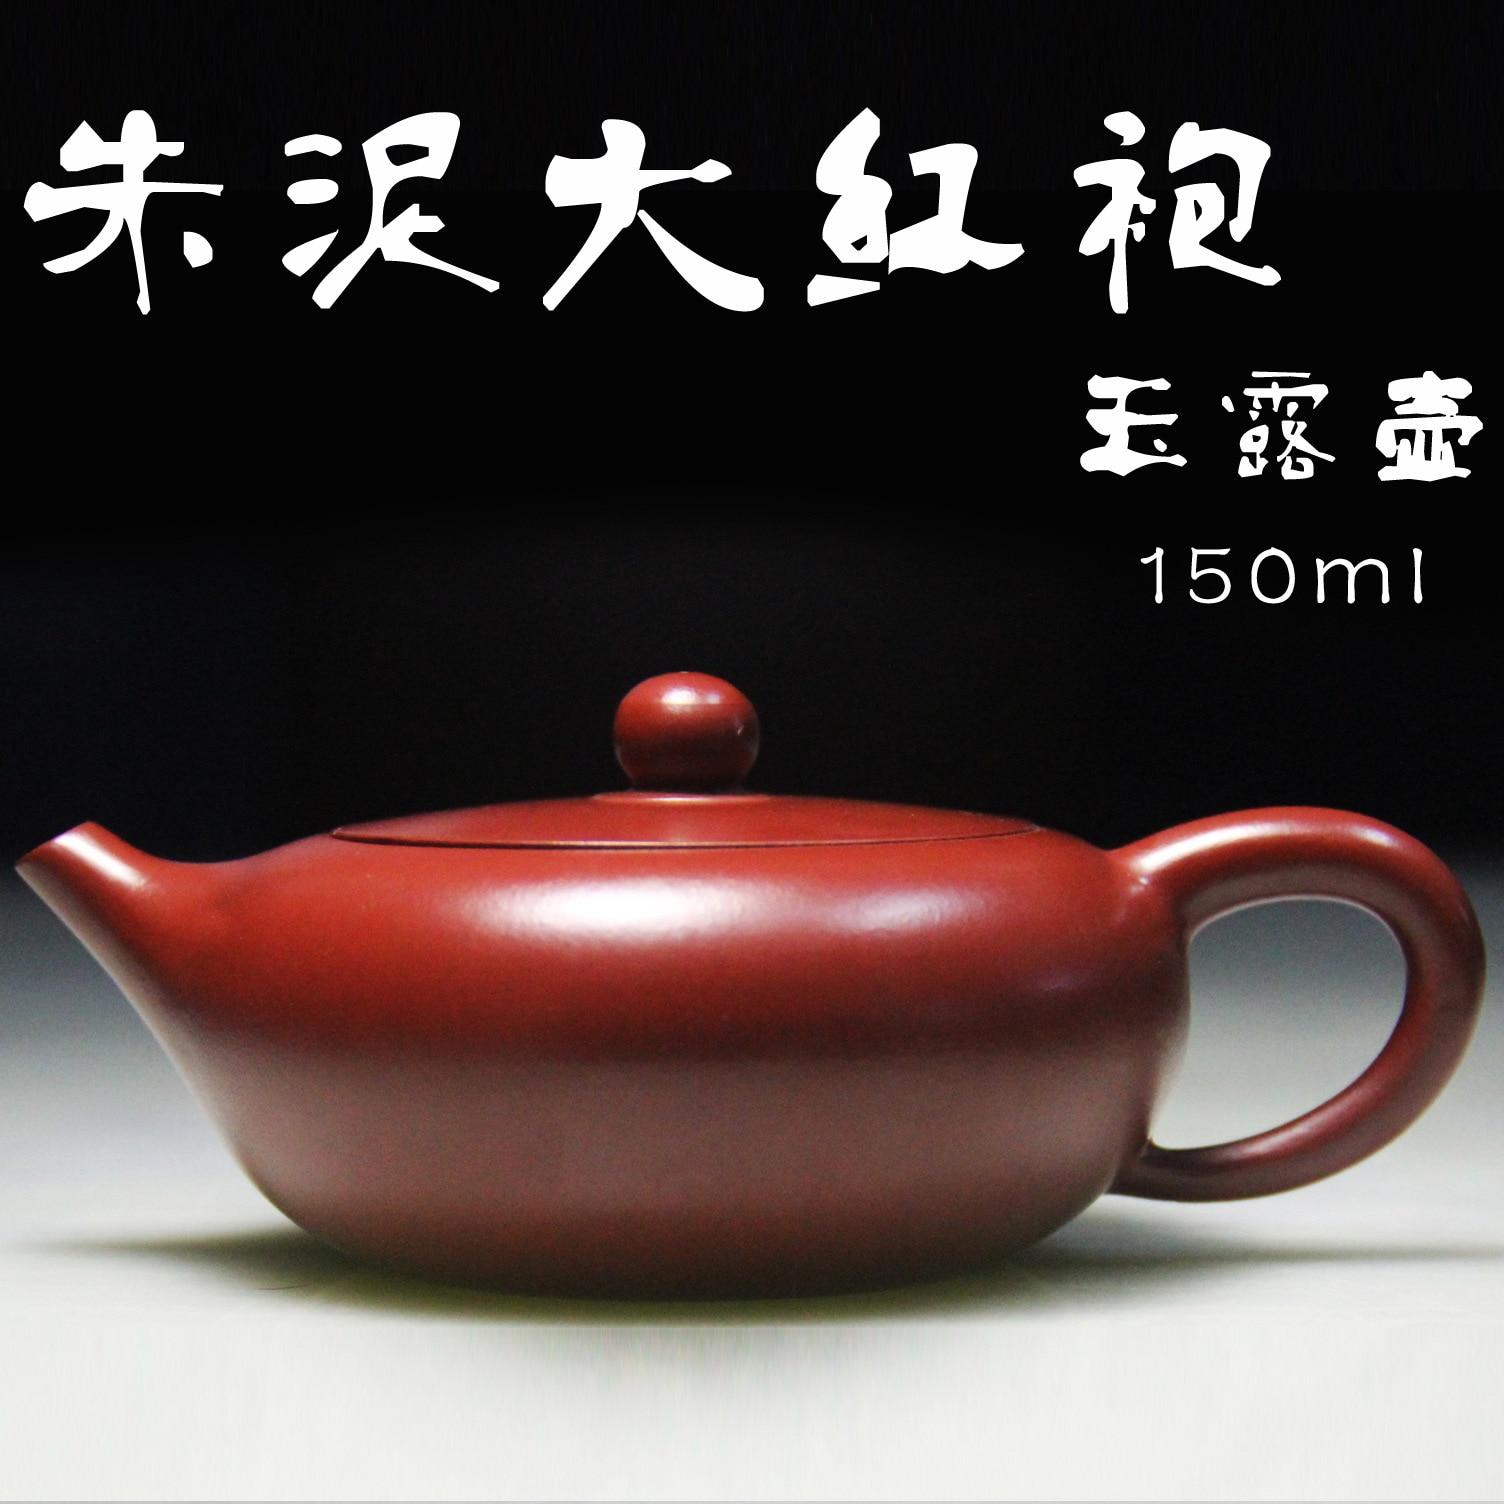 Authentic Yixing teapot famous Manual of modern technology Zhu Ni Dahongpao 150ml wholesaleAuthentic Yixing teapot famous Manual of modern technology Zhu Ni Dahongpao 150ml wholesale